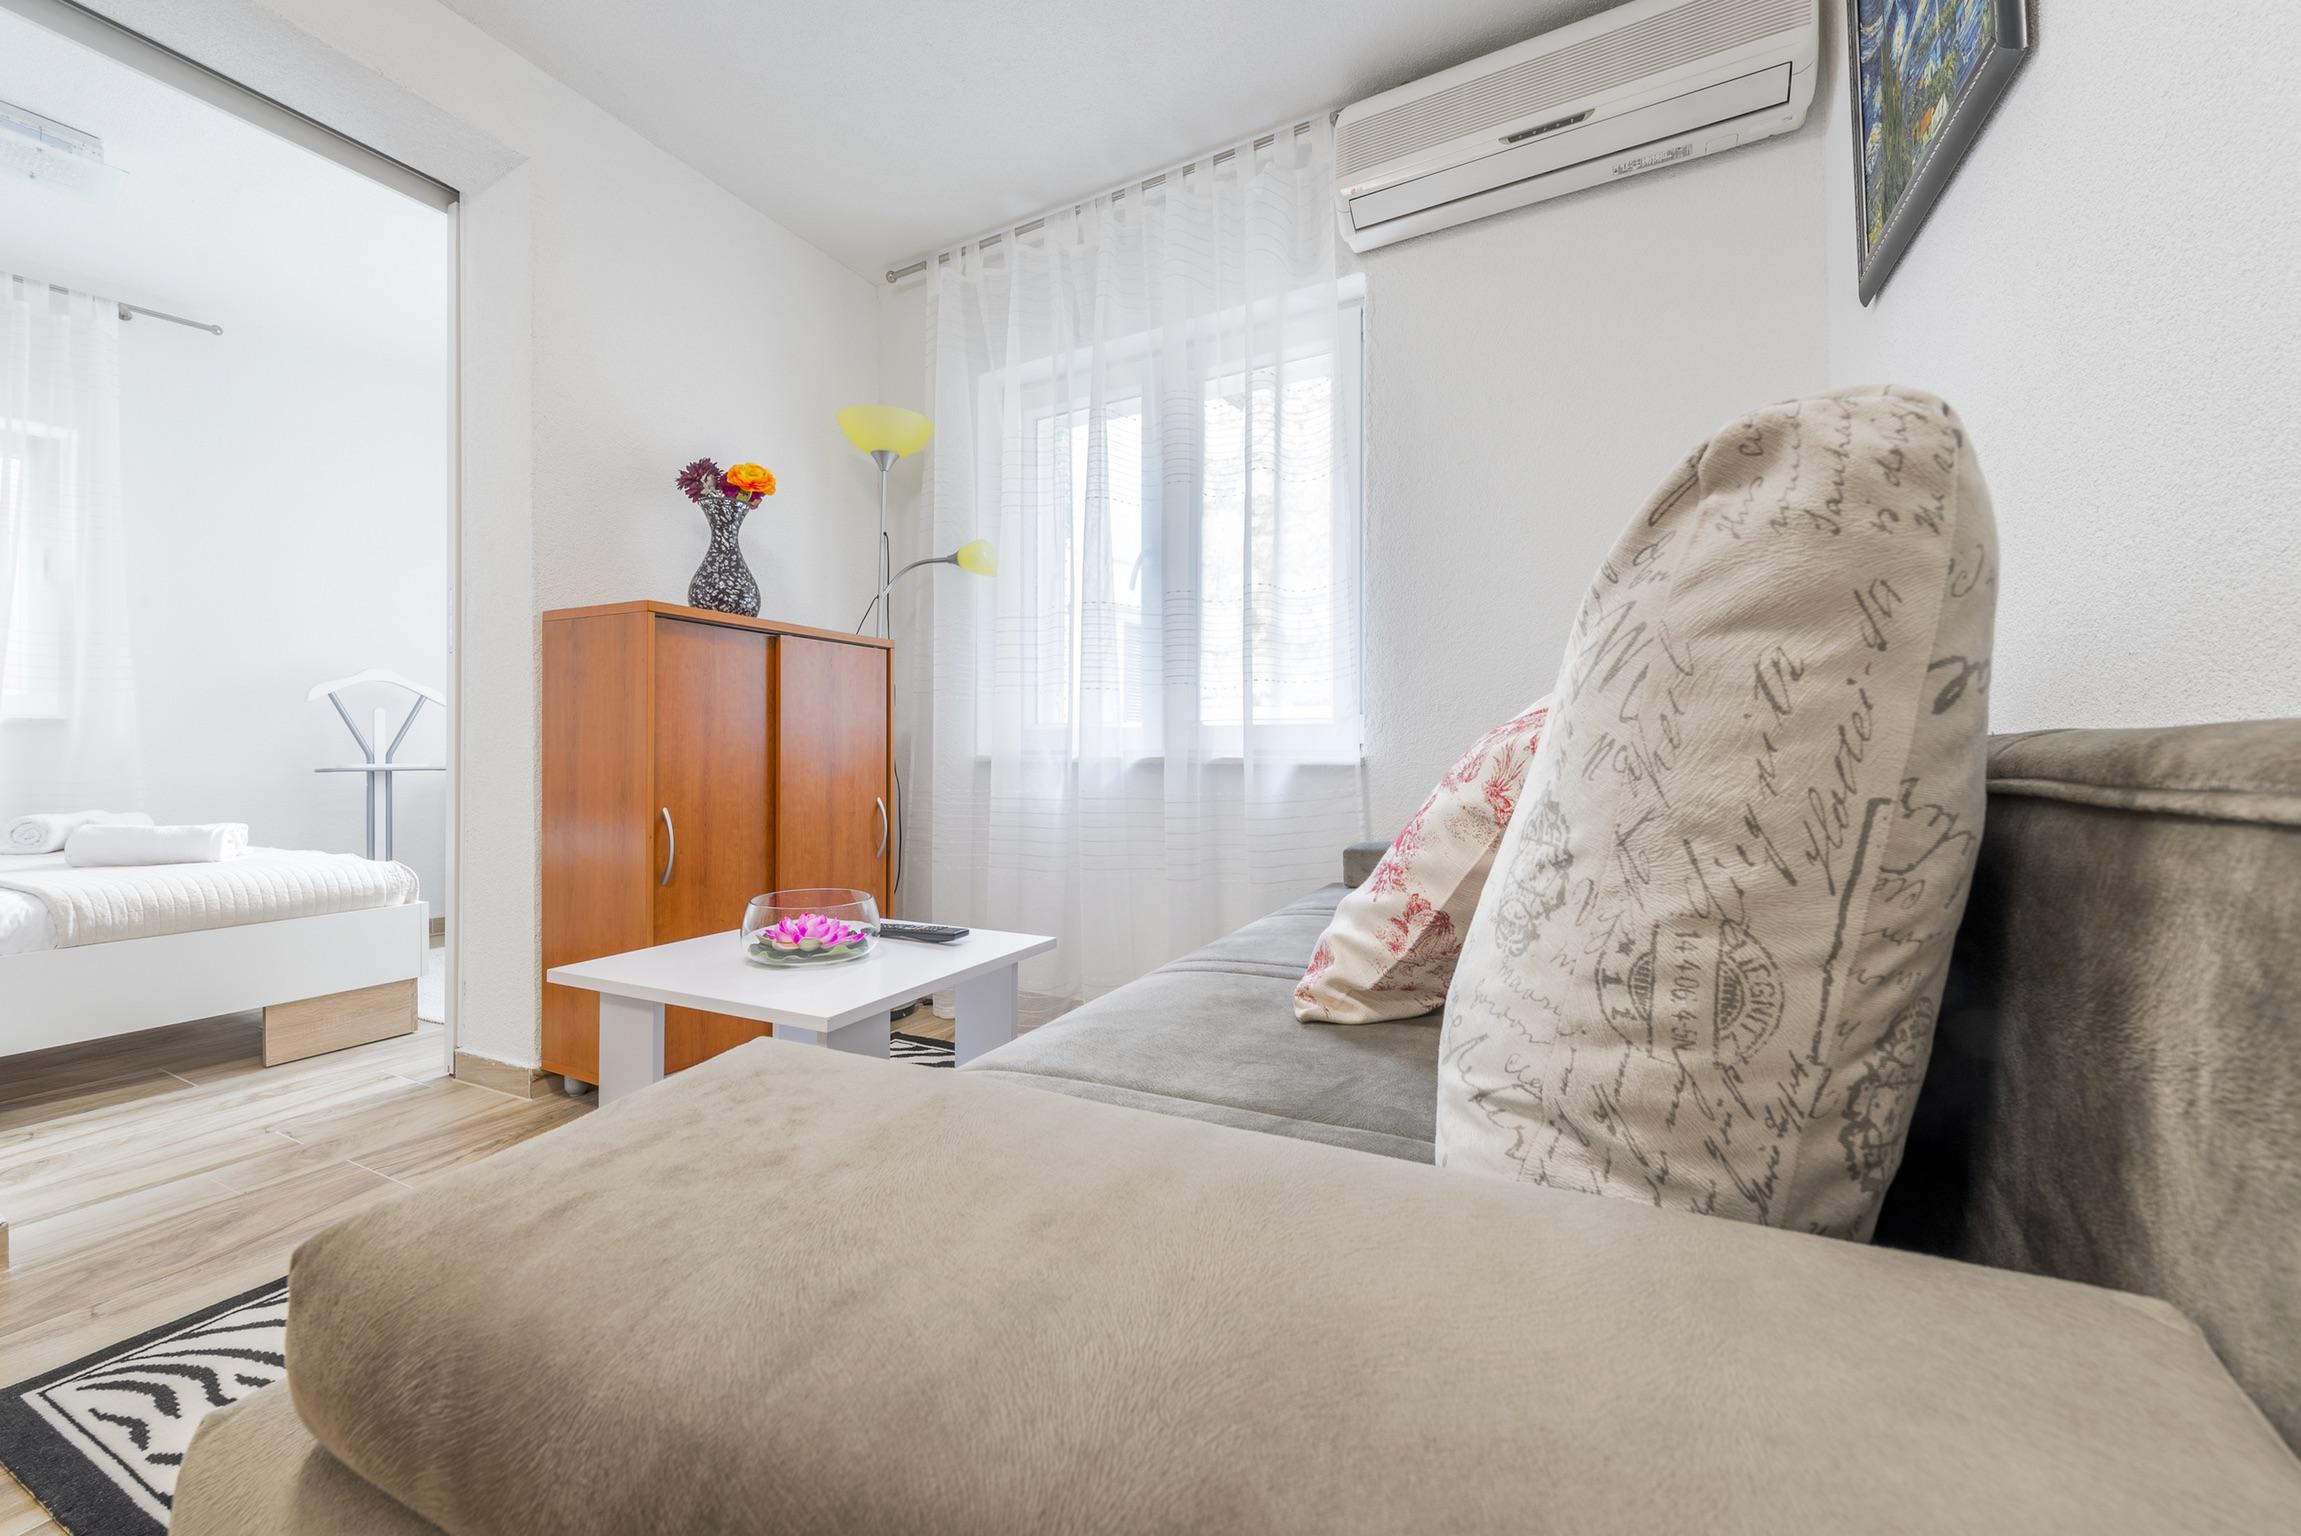 Ferienwohnung Wohnung mit 2 Zimmern in Baaka Voda mit herrlichem Meerblick, möblierter Terrasse und W-L (2201397), Baška Voda, , Dalmatien, Kroatien, Bild 7